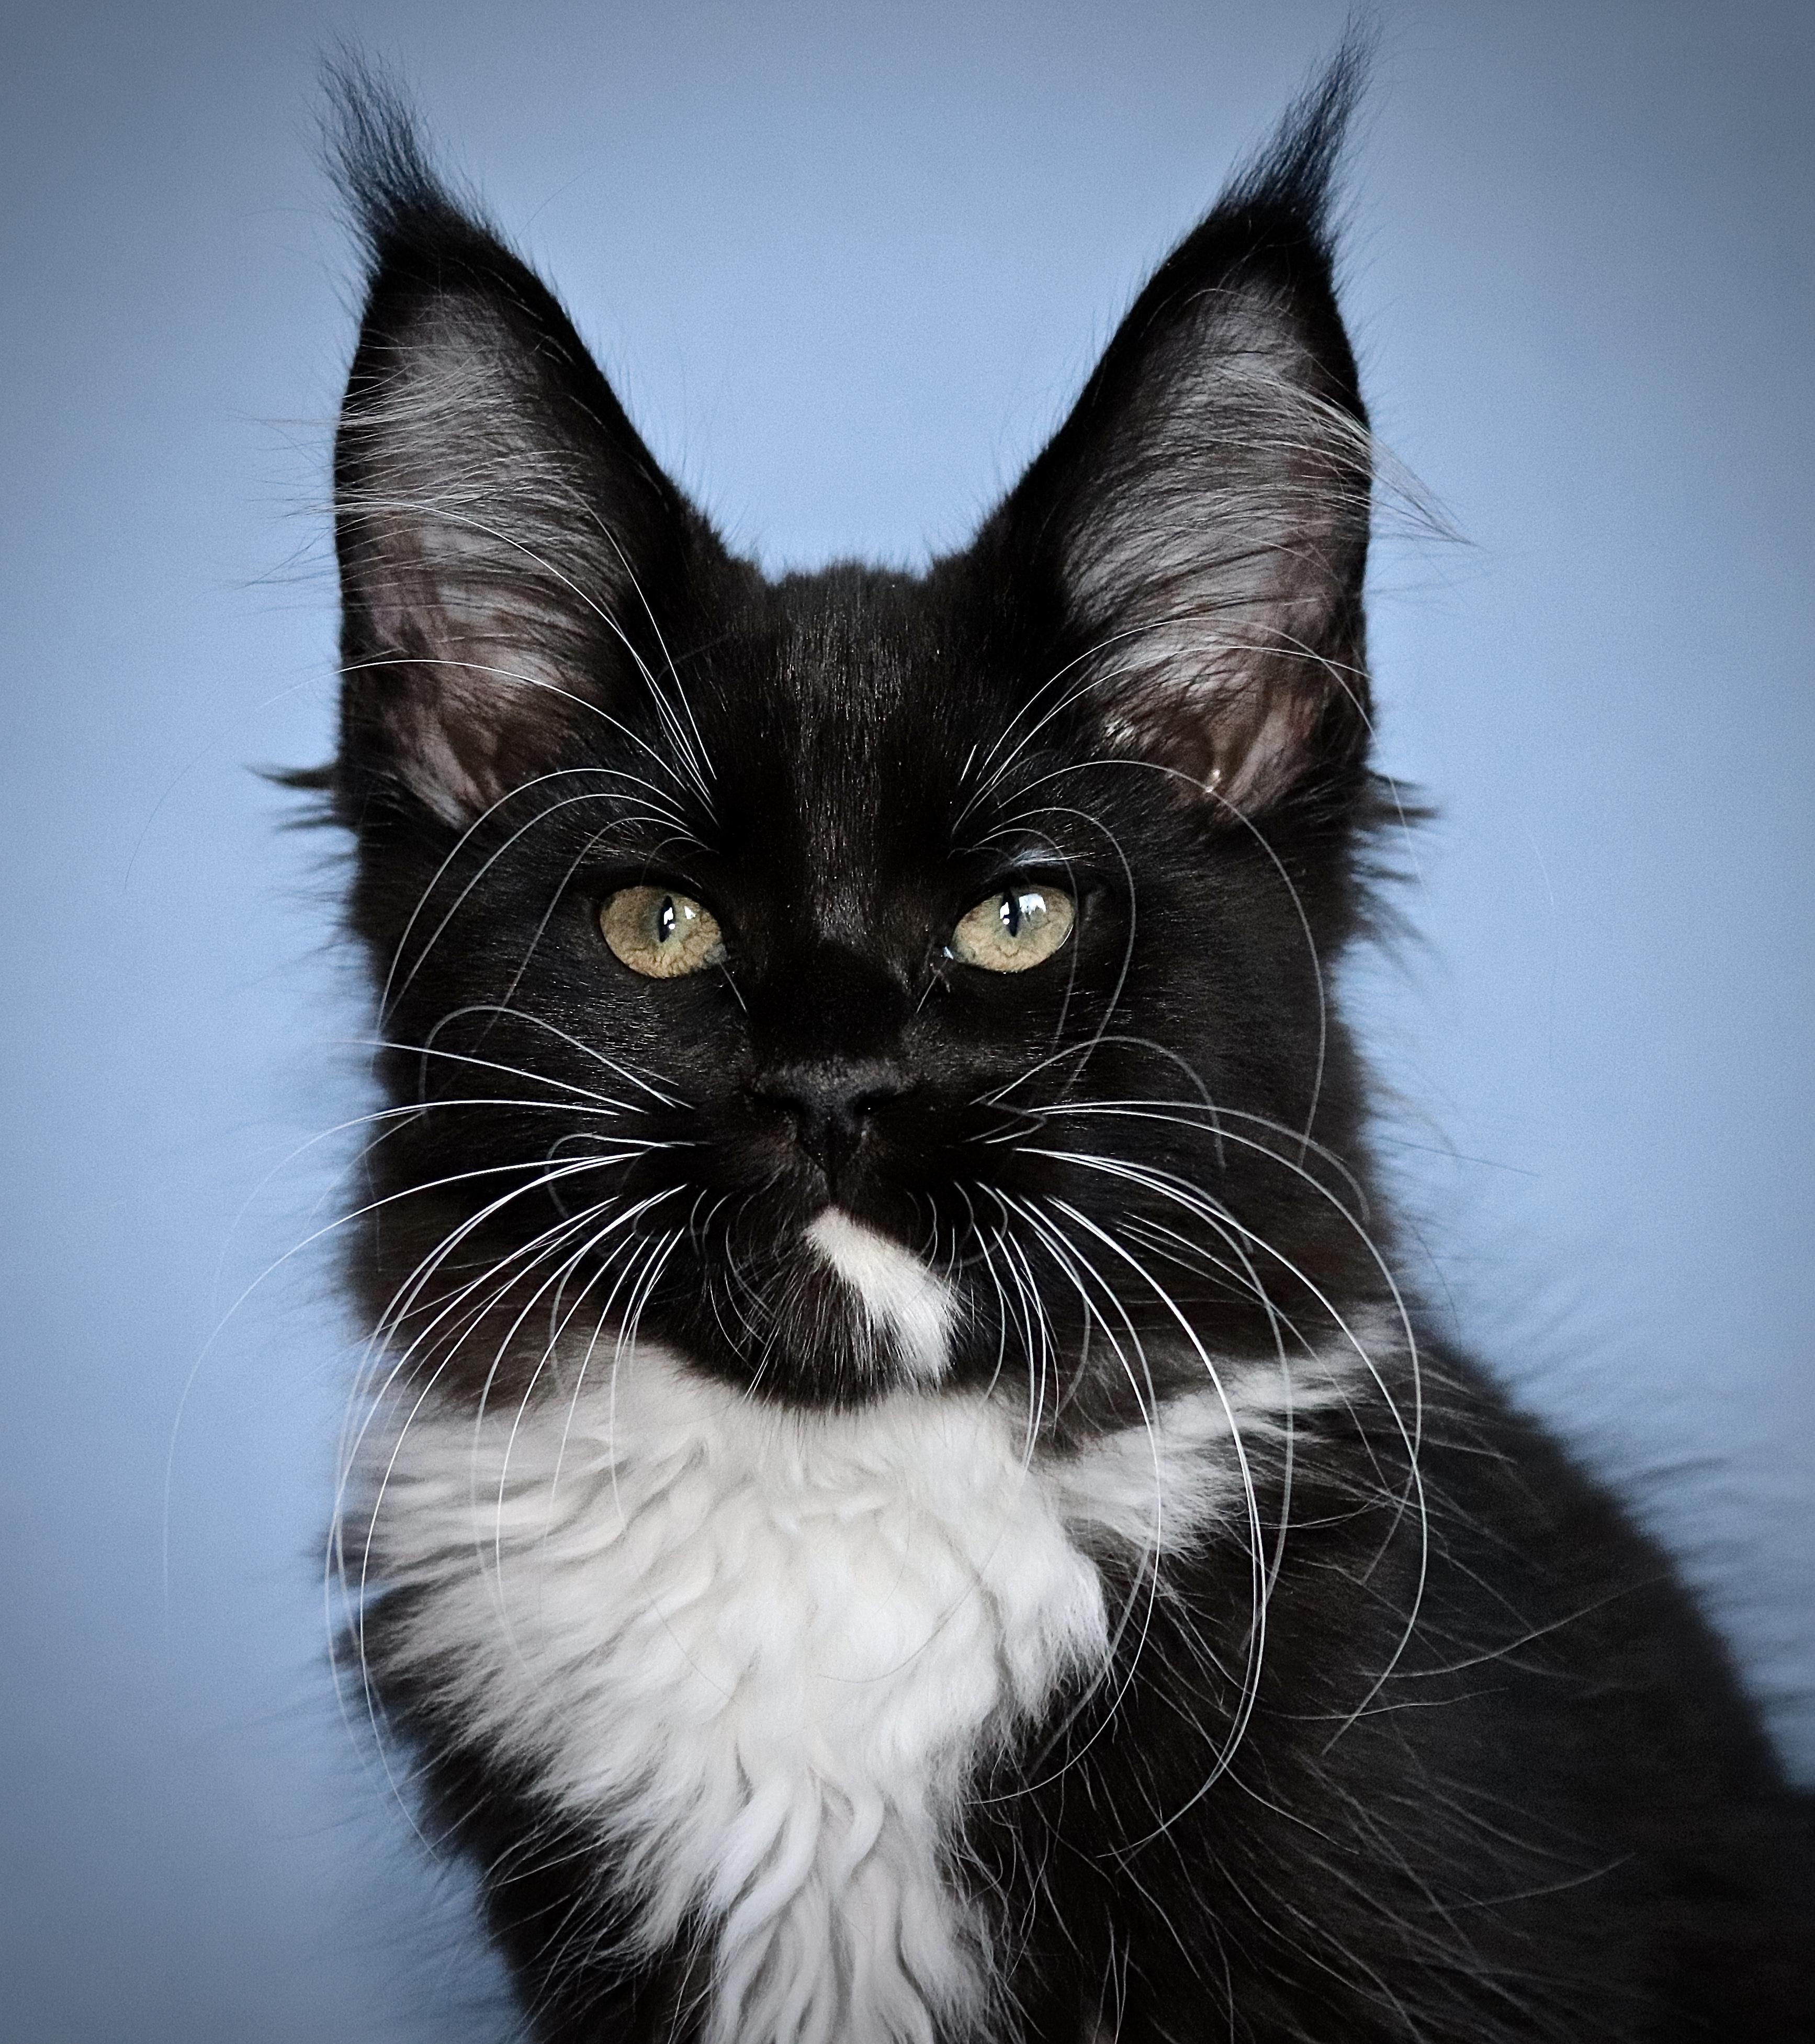 fotka kočky VRH I: IWA UNO VON ERILLIAN*CZ